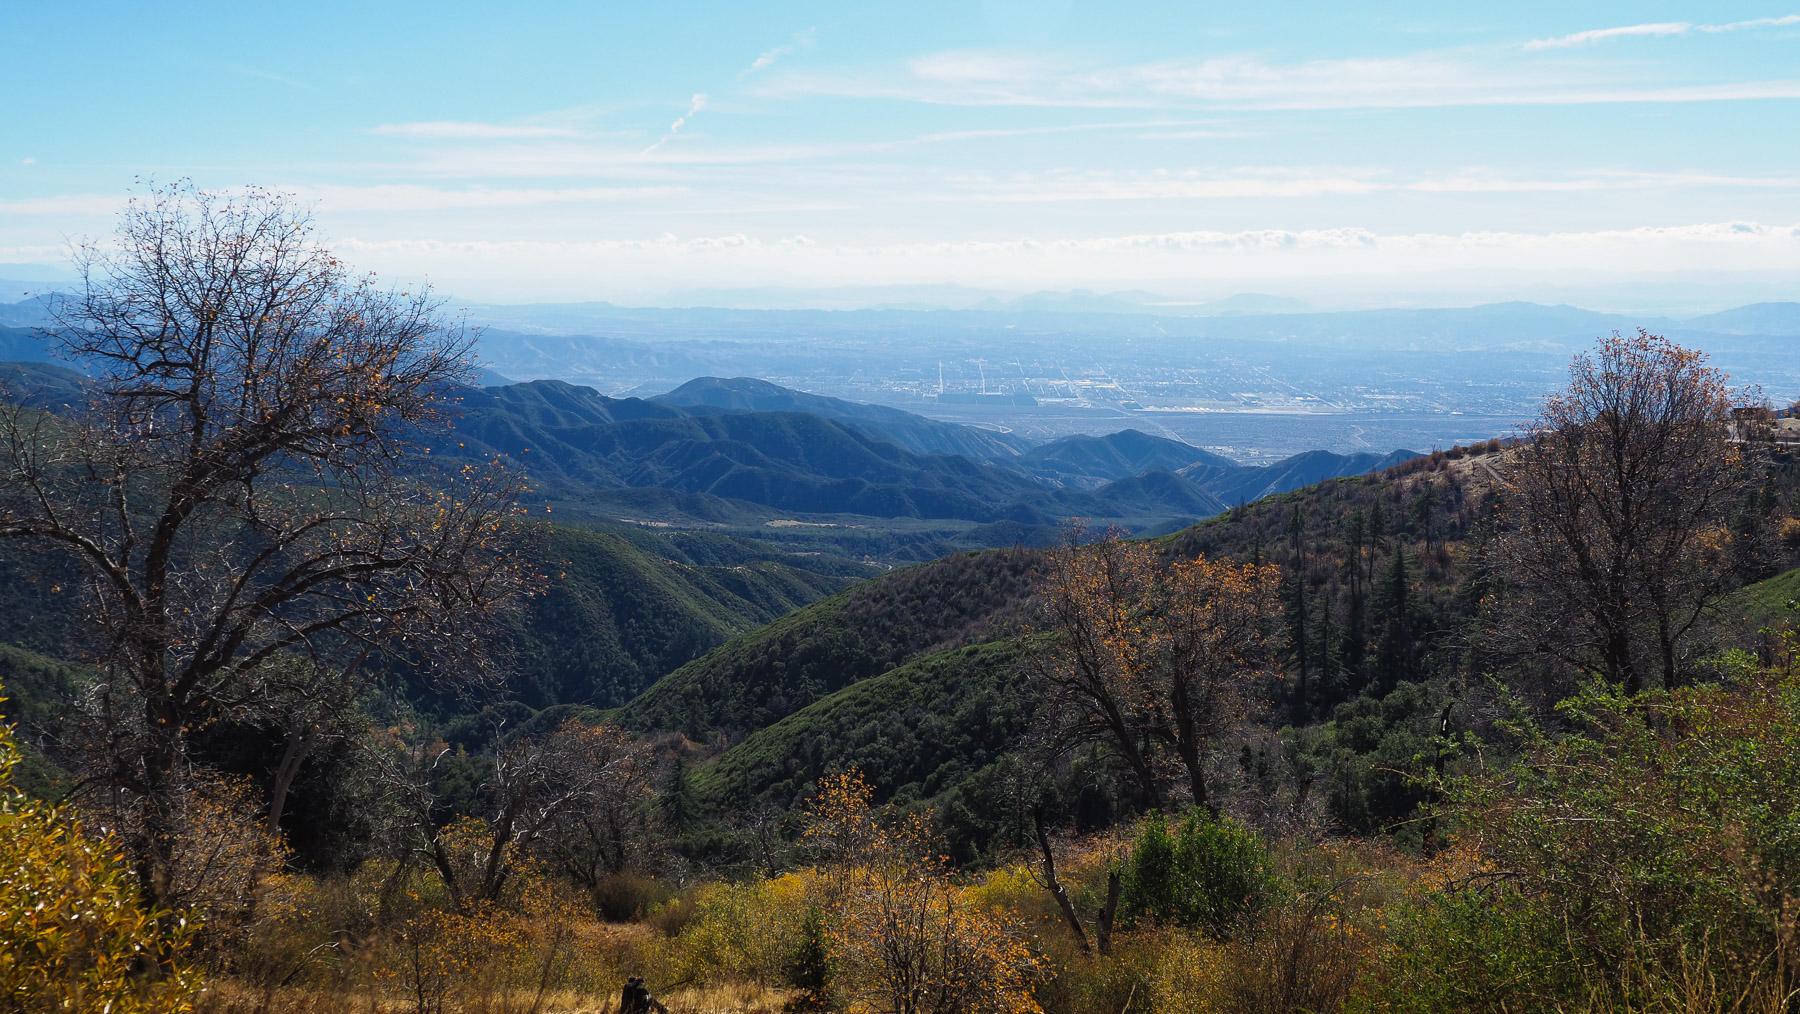 San Bernardino Mountains bei Los Angeles